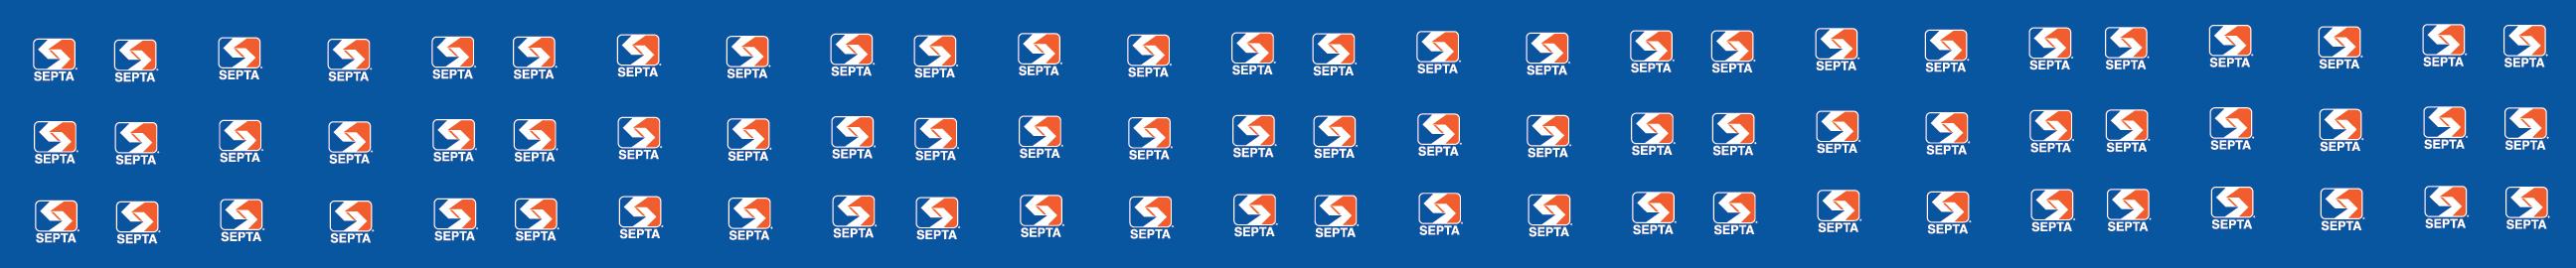 Septa header 2592x270 10 24 18 01